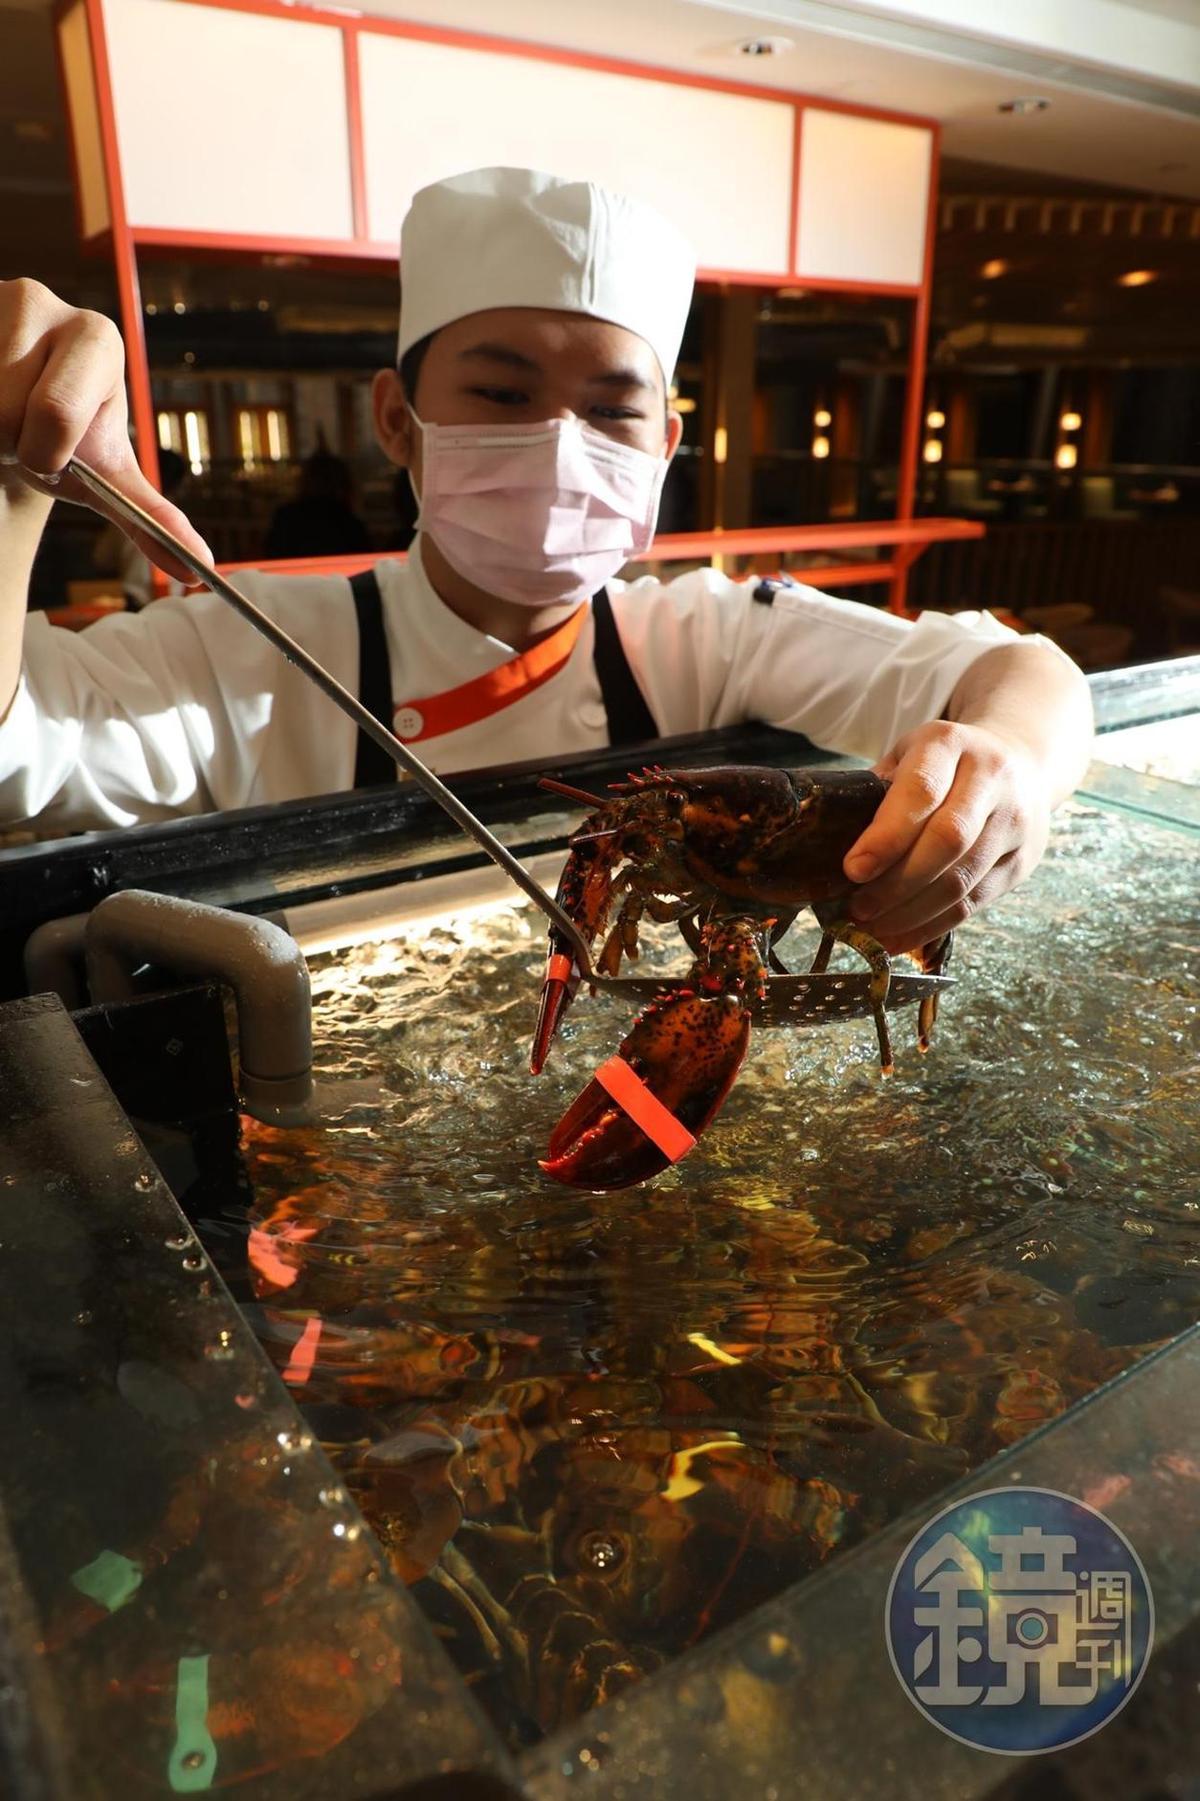 龍蝦達人隨時候教服務。